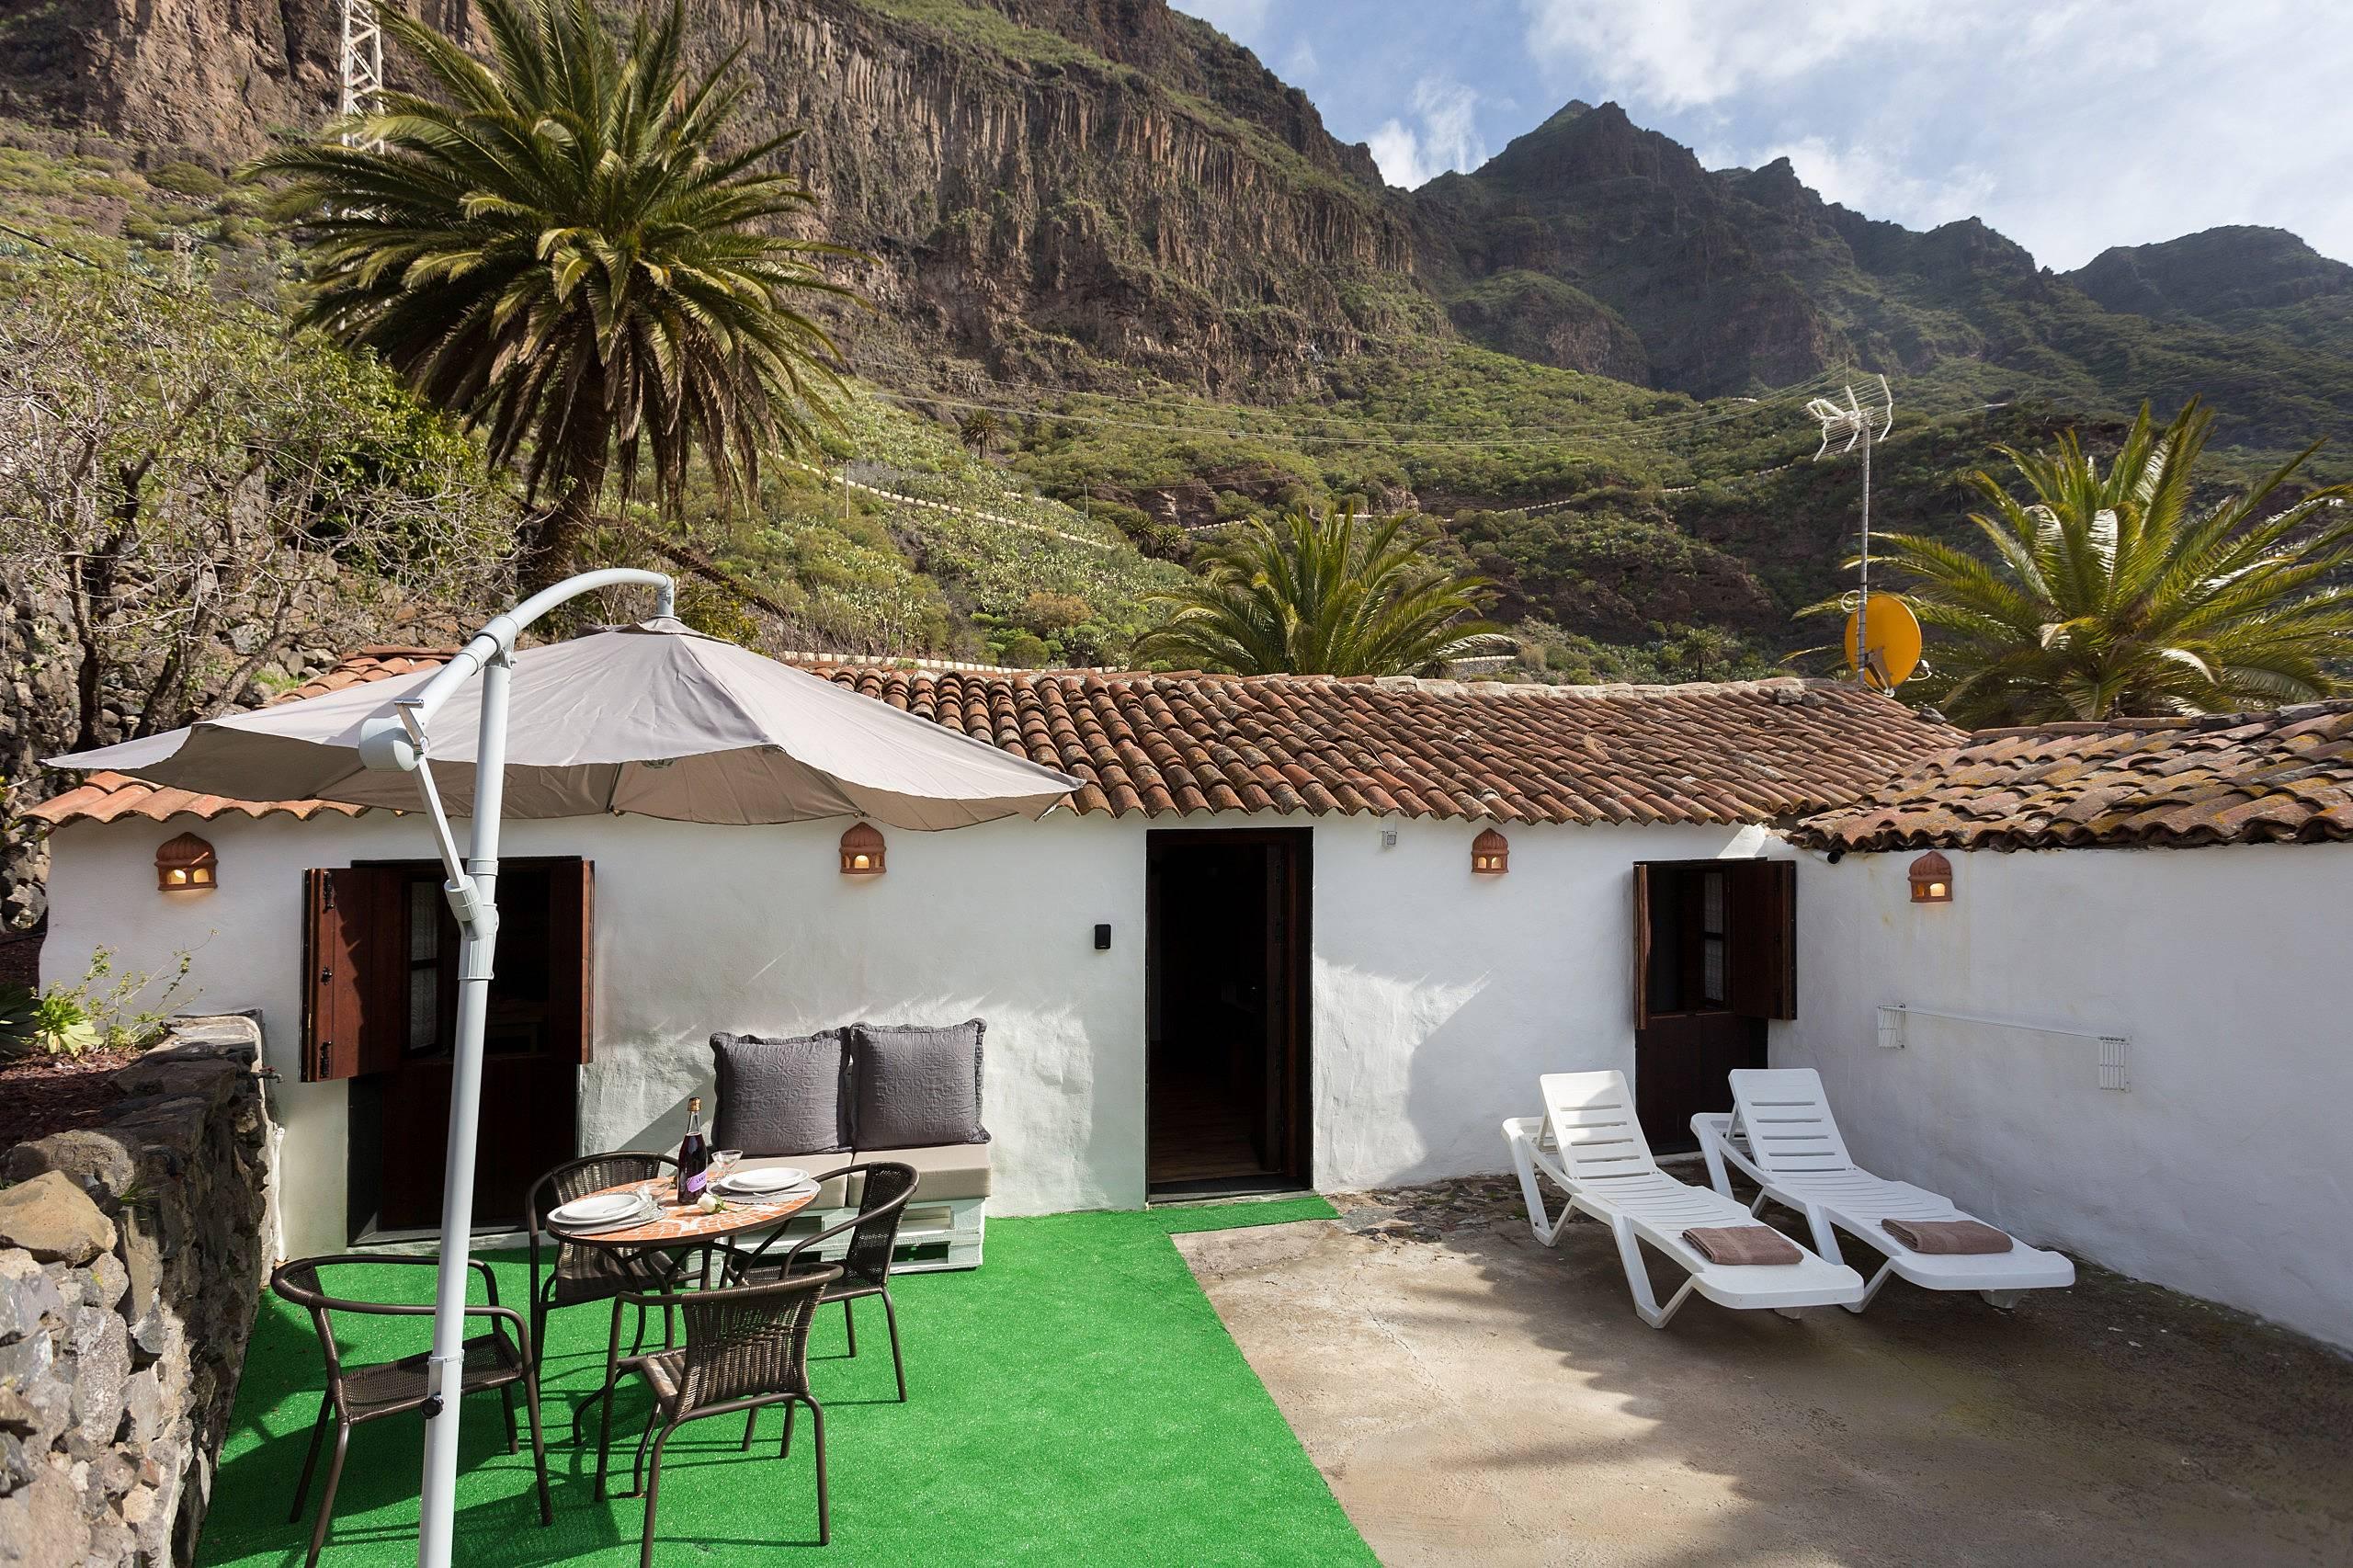 Alquiler vacaciones apartamentos y casas rurales en g mar tenerife - Alquiler casa vacaciones tenerife ...